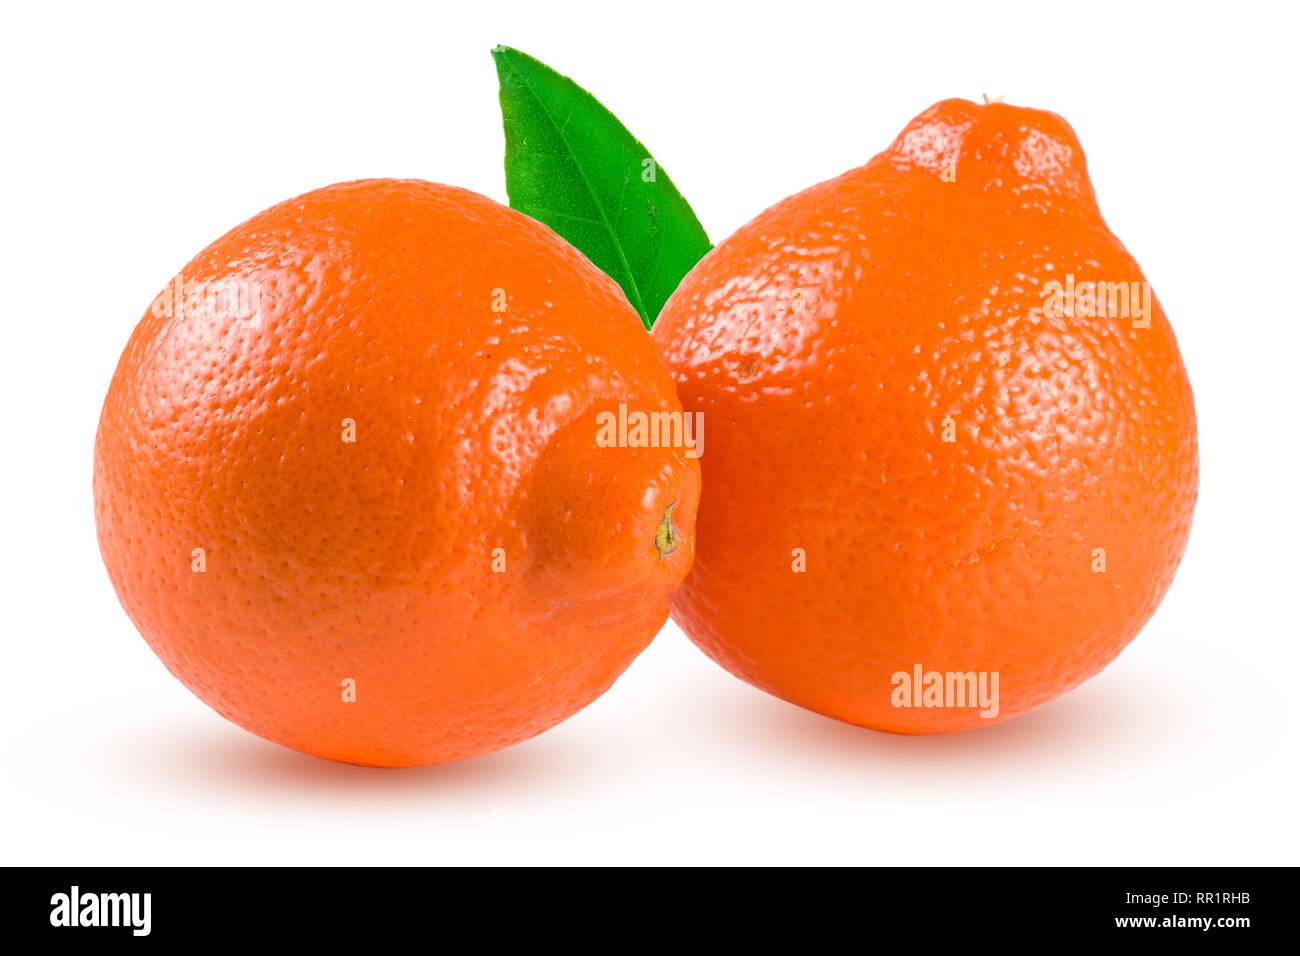 two orange tangerine or Mineola with leaf isolated on white background - Stock Image